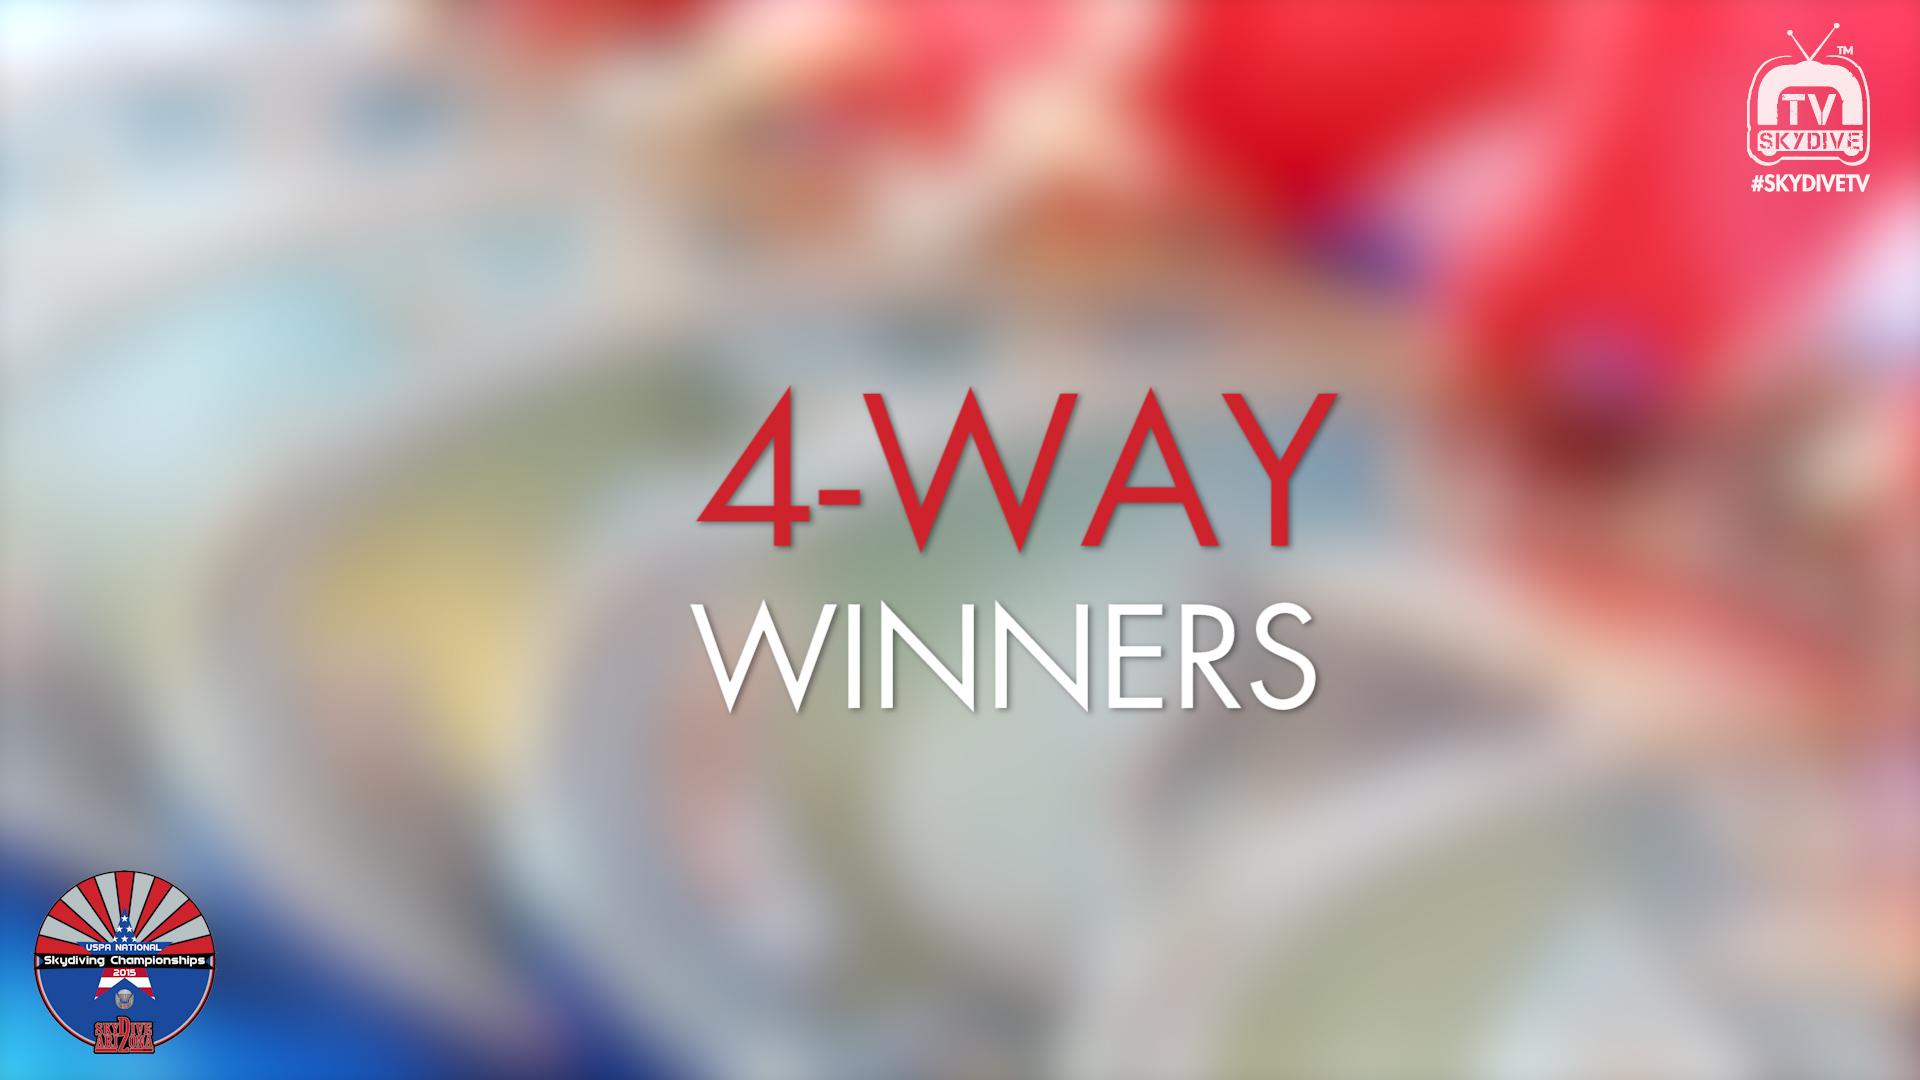 4-WAY Rewards